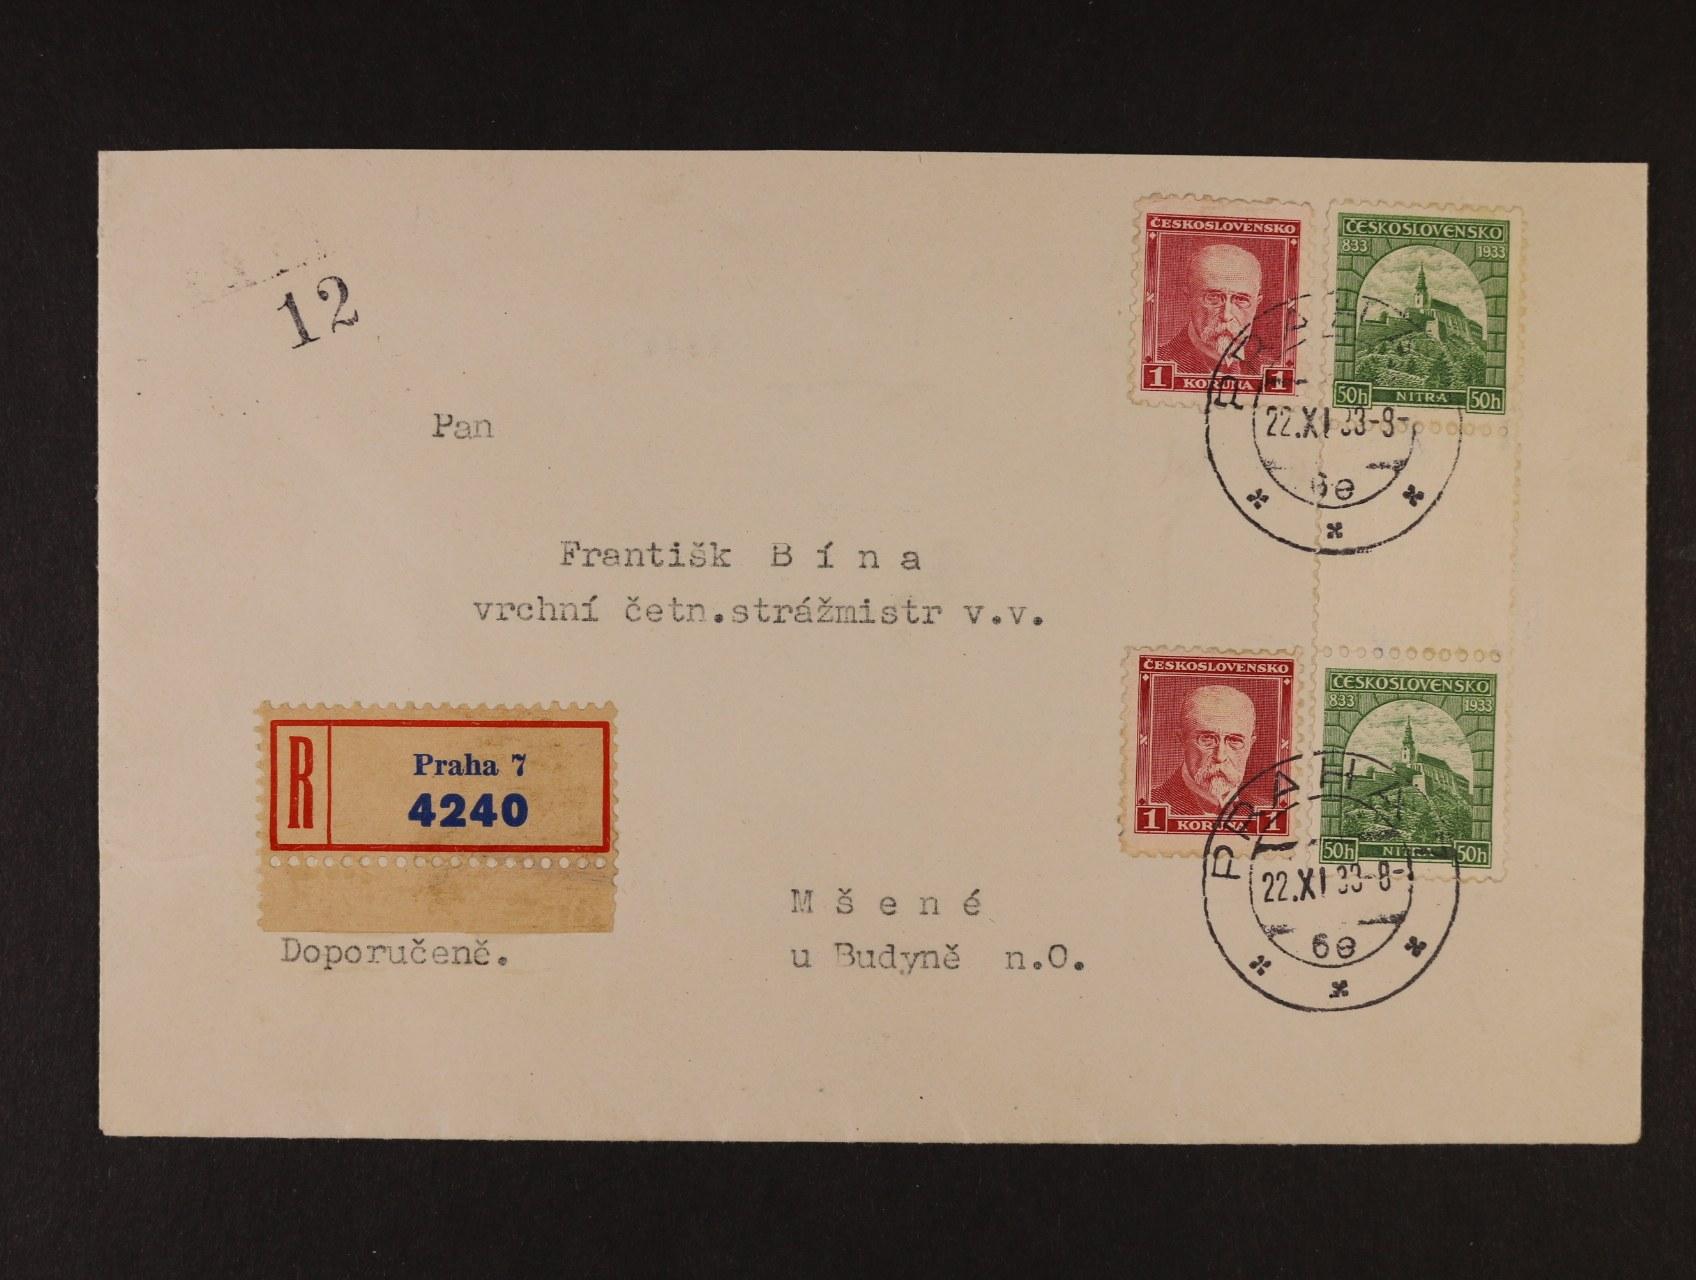 R-dopis do Mšené frank. zn. č. 260 (2x) a dvouzn. svislým